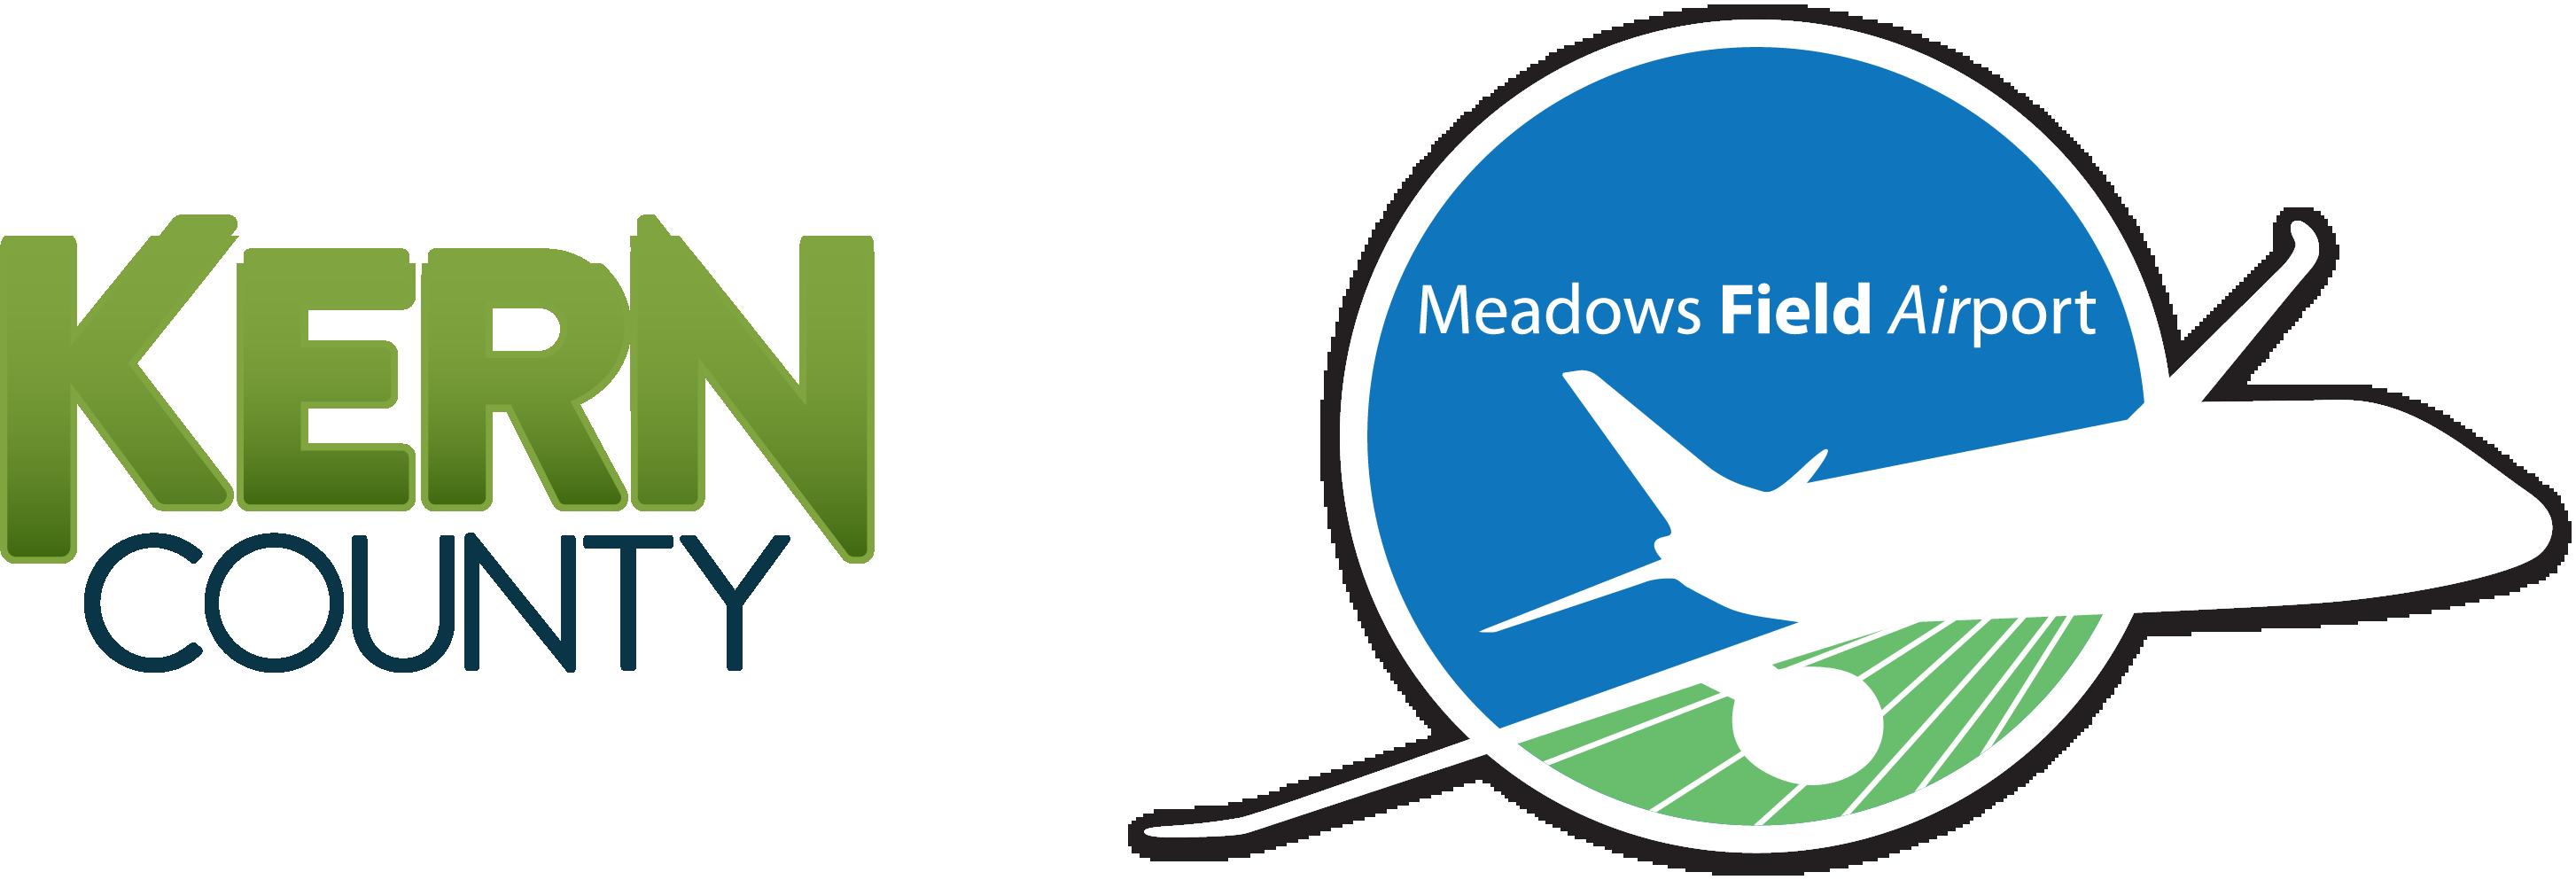 Meadows Field Logo